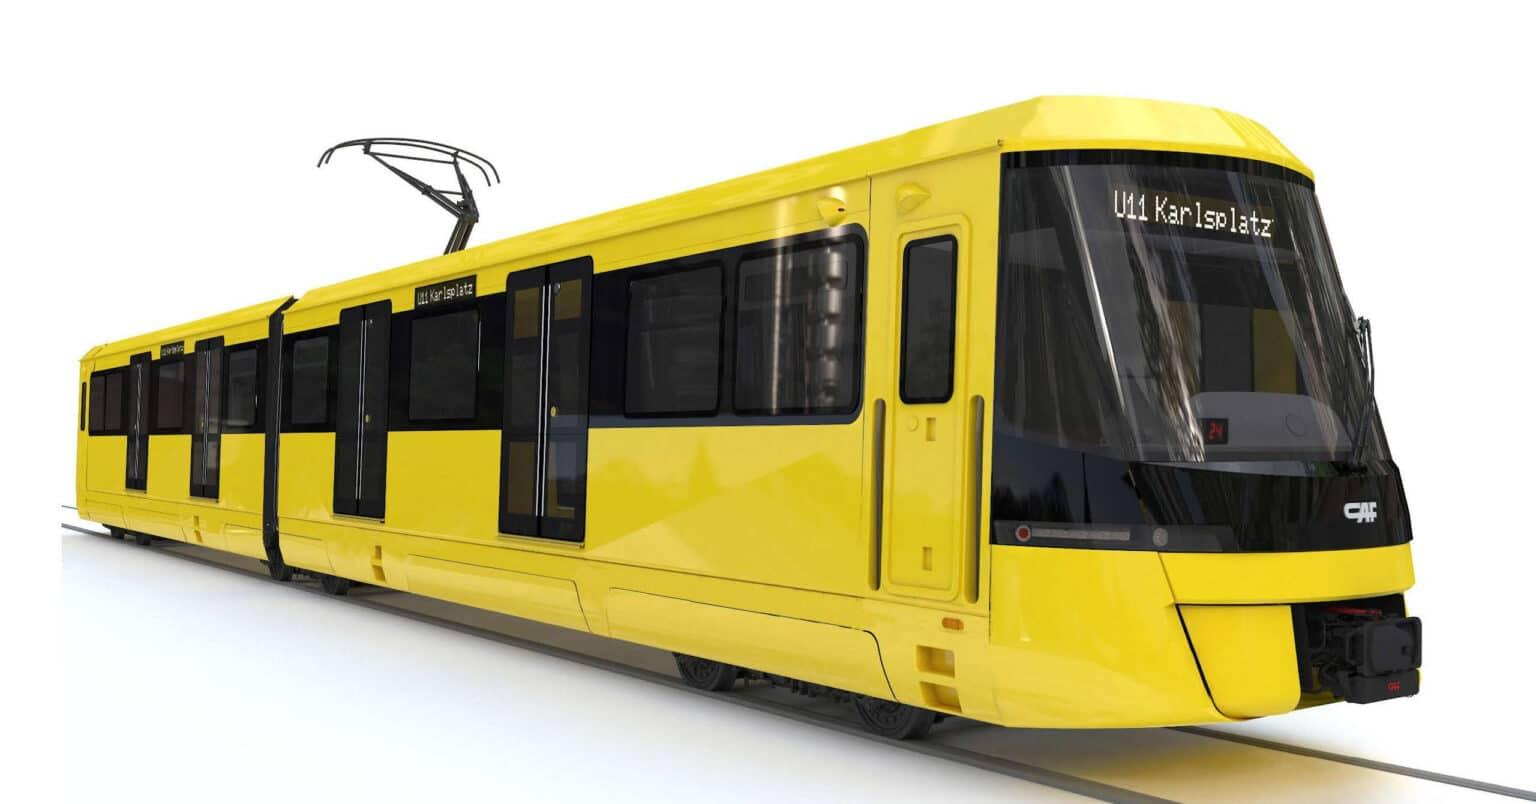 Renderizado de los trenes ligeros que CAF fabricará para el Stadtbahn de Essen. © CAF.